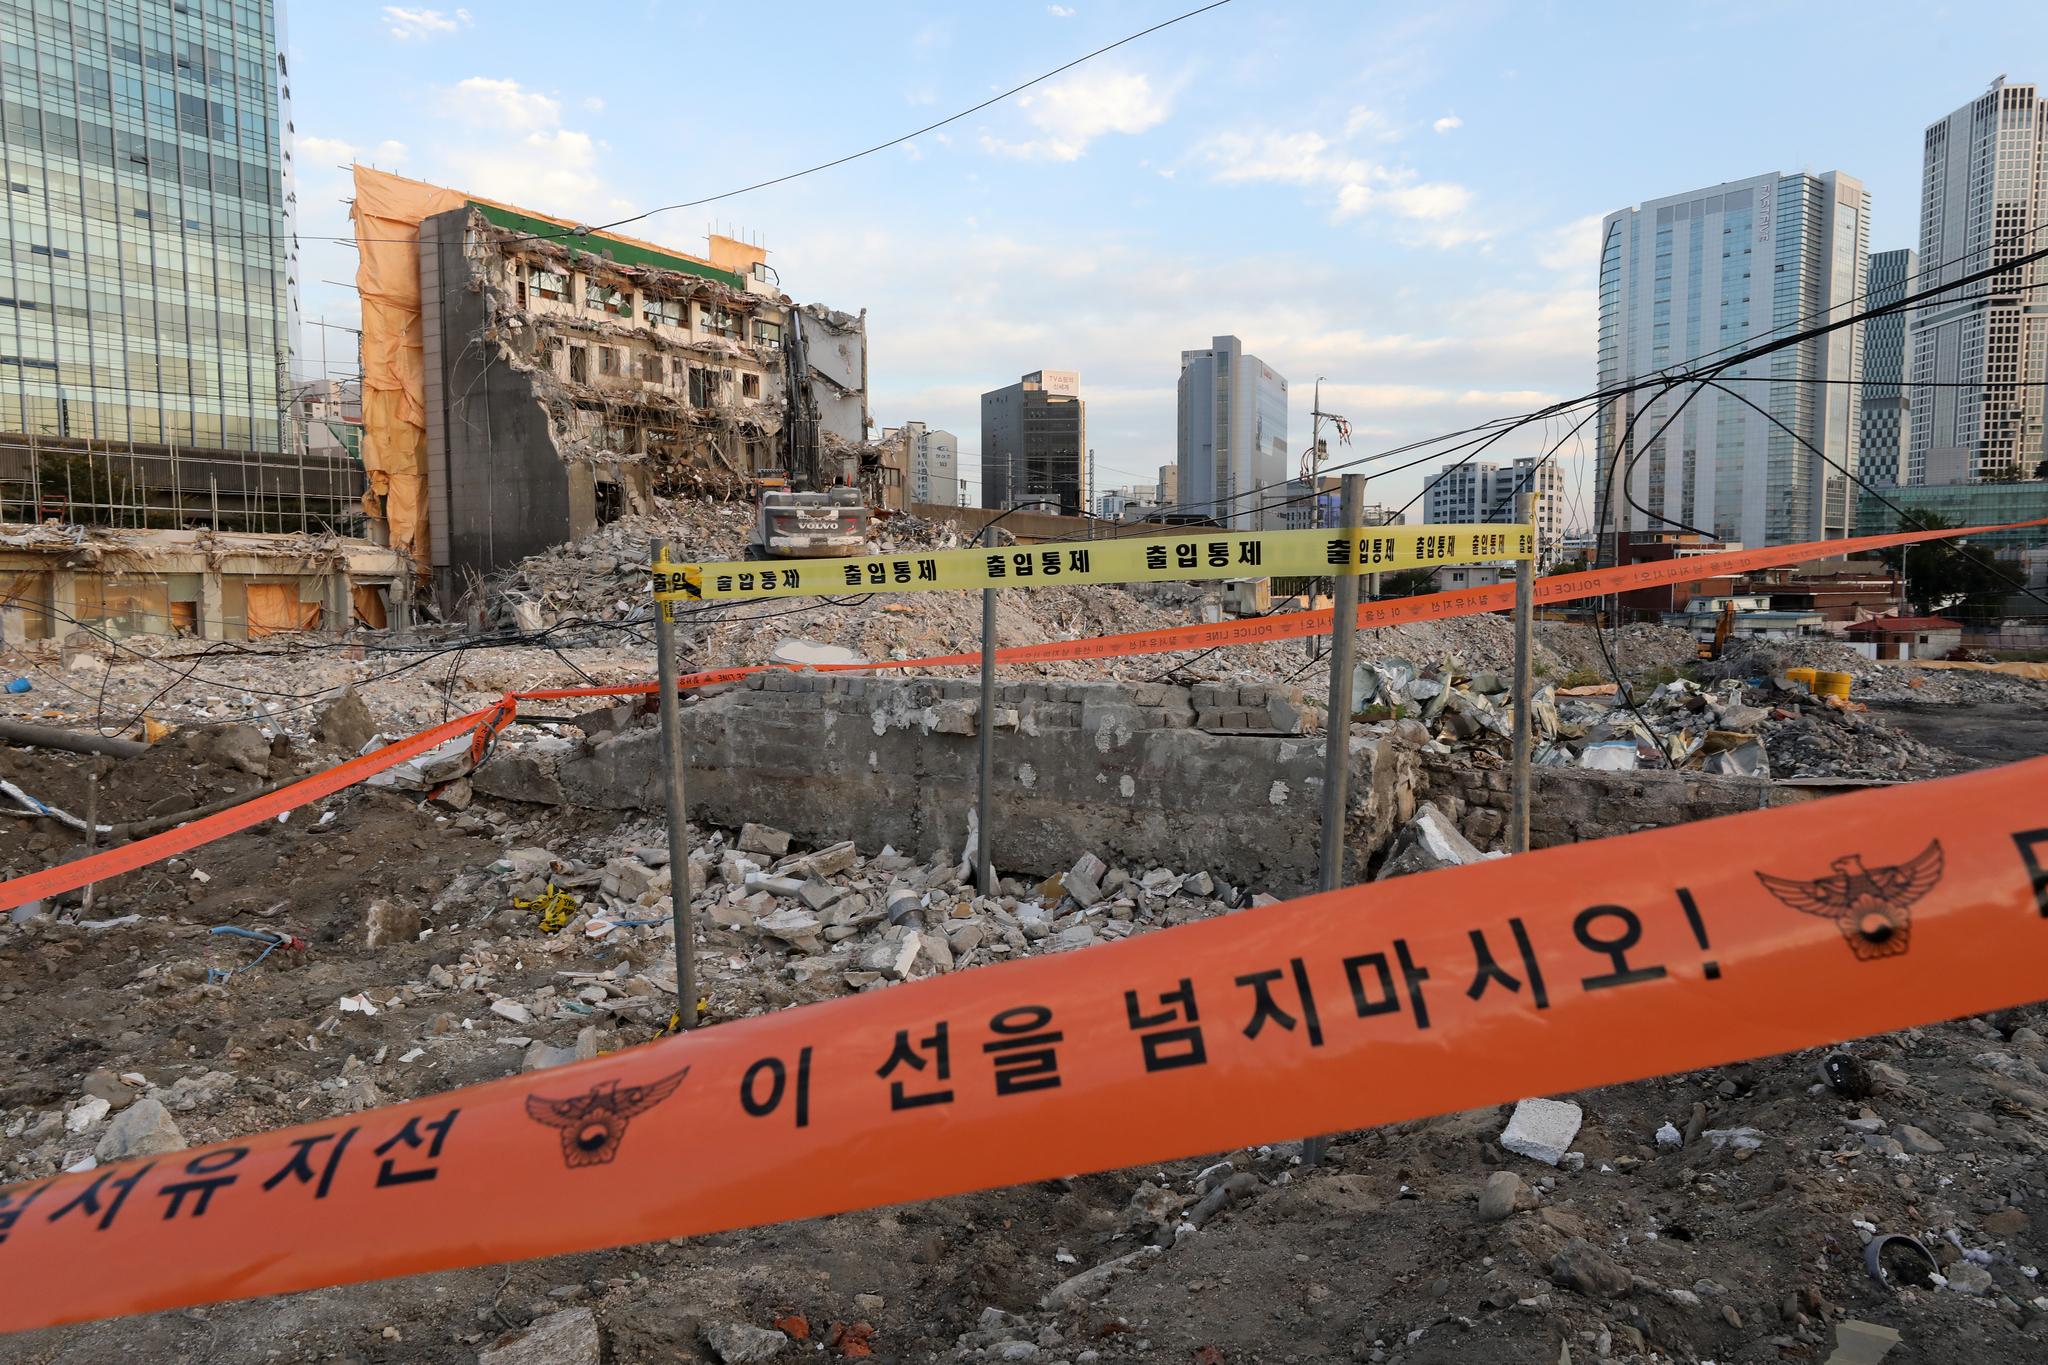 5일 오후 서울 성수동의 한 아파트 공사현장에서 포탄 1발이 발견돼 군 폭발물 처리반(EOD)에서 회수했다. 뉴스1